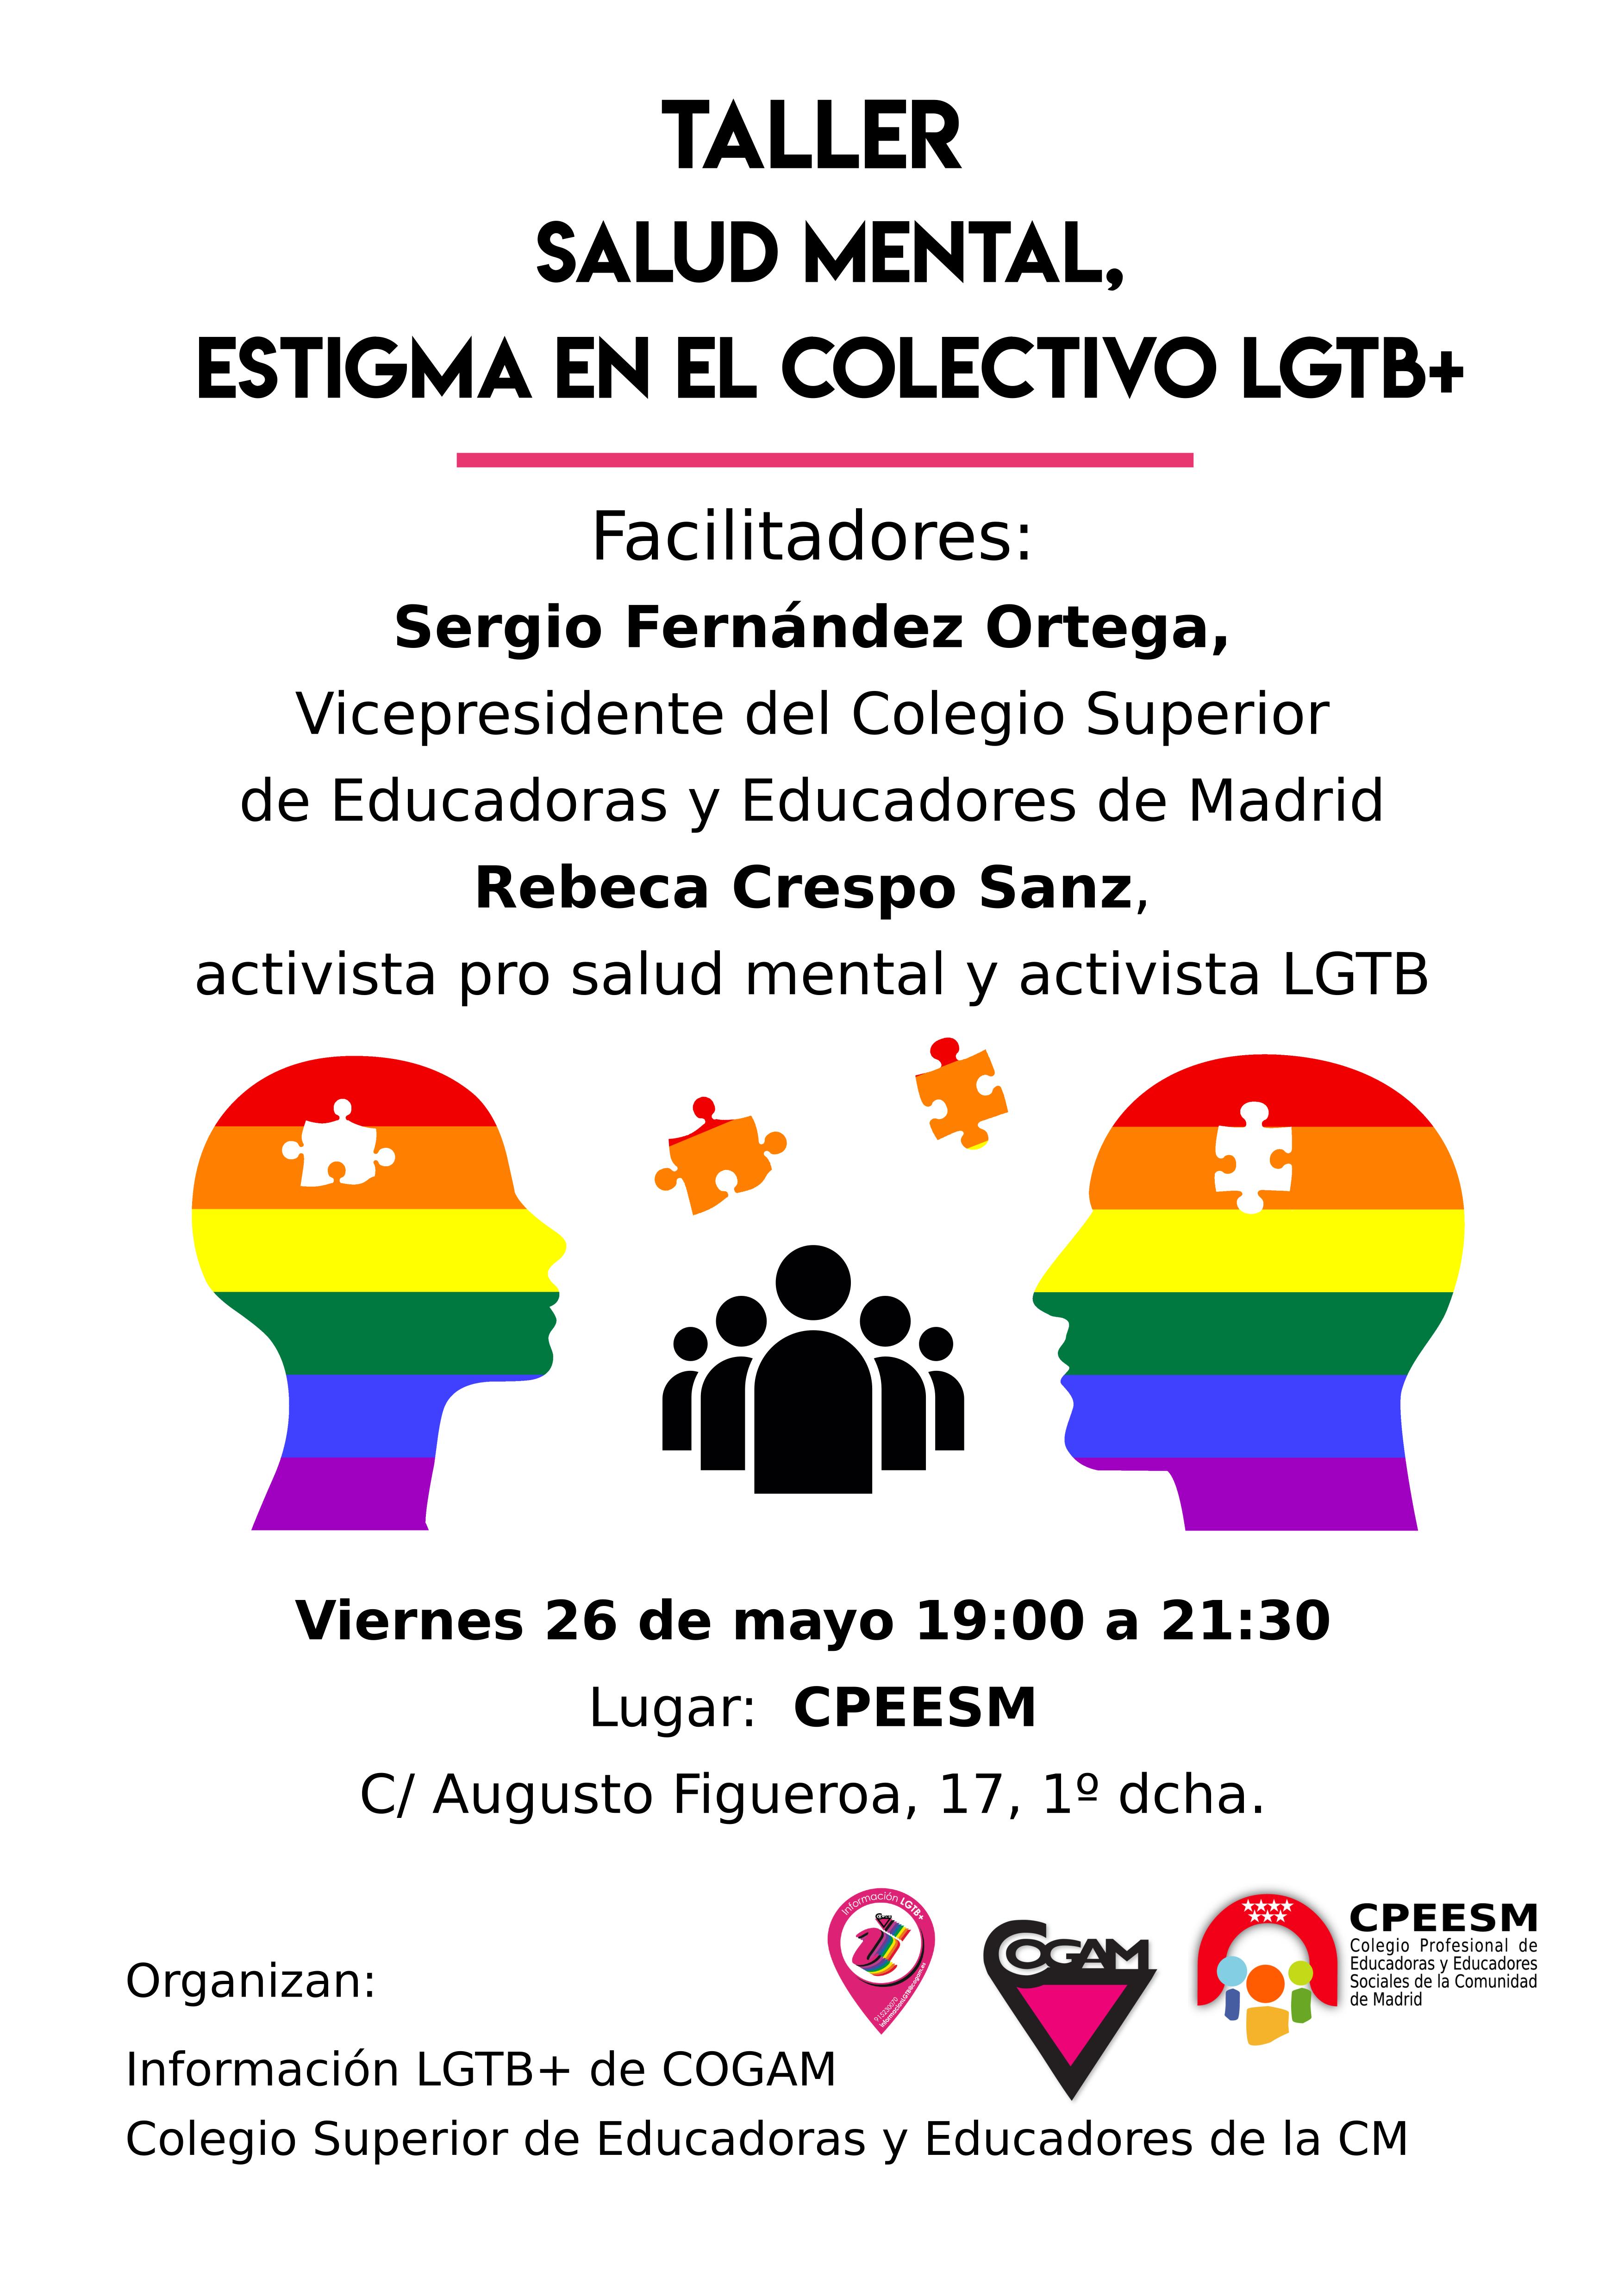 Taller de Salud Mental en Colegio Oficial de Educadores de la Comunidad de Madrid